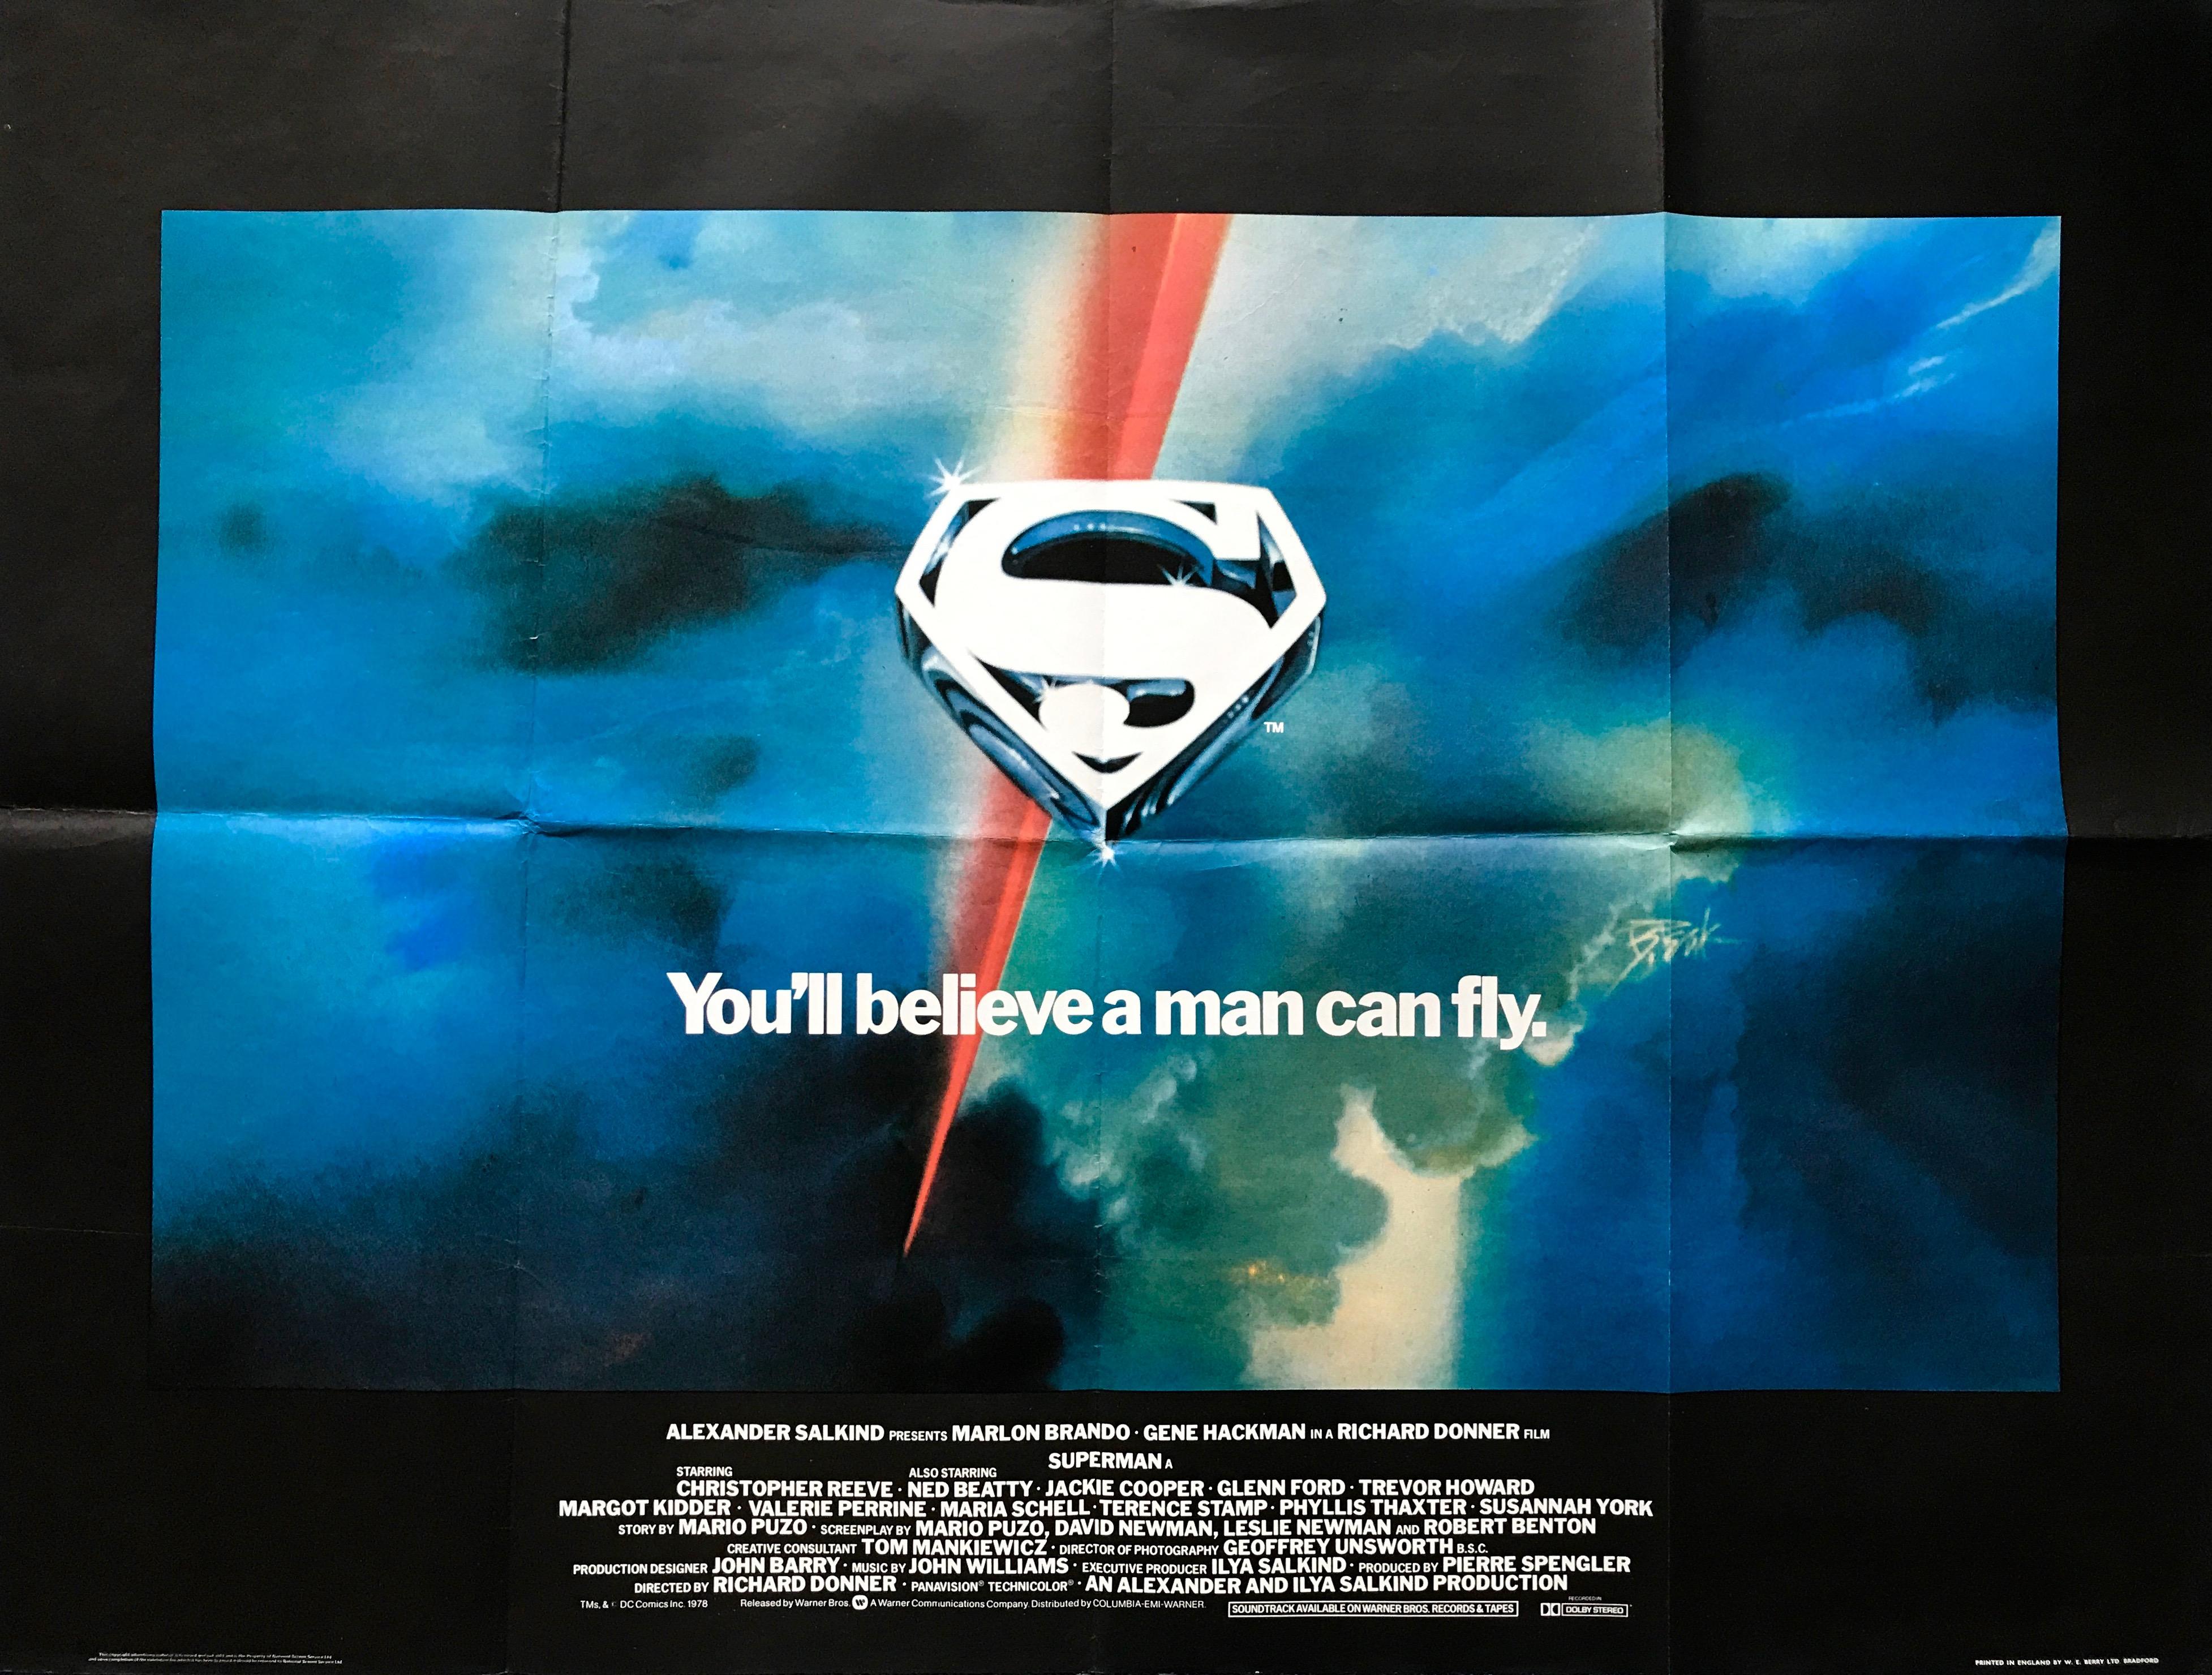 SupermanQuad